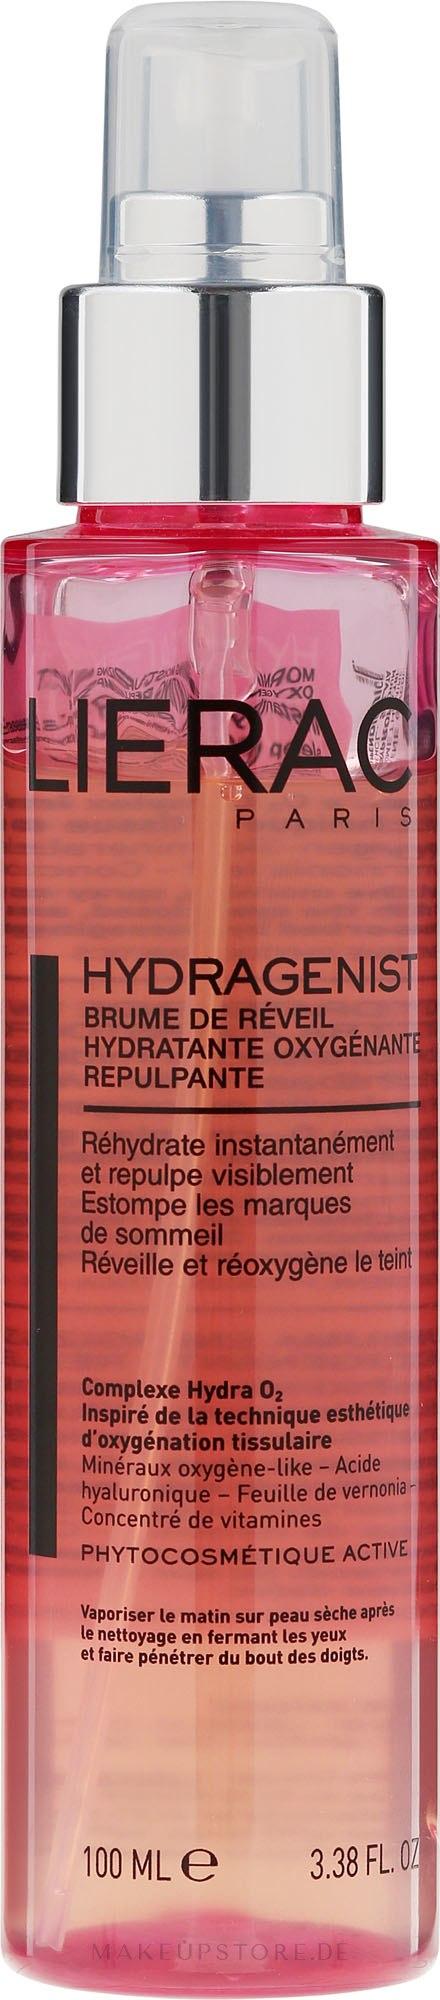 Feuchtigkeitsspendender und aufpolsternder Gesichtsspray - Lierac Hydragenist Morning Moisturizing Mist Oxygenating Replumping — Bild 100 ml